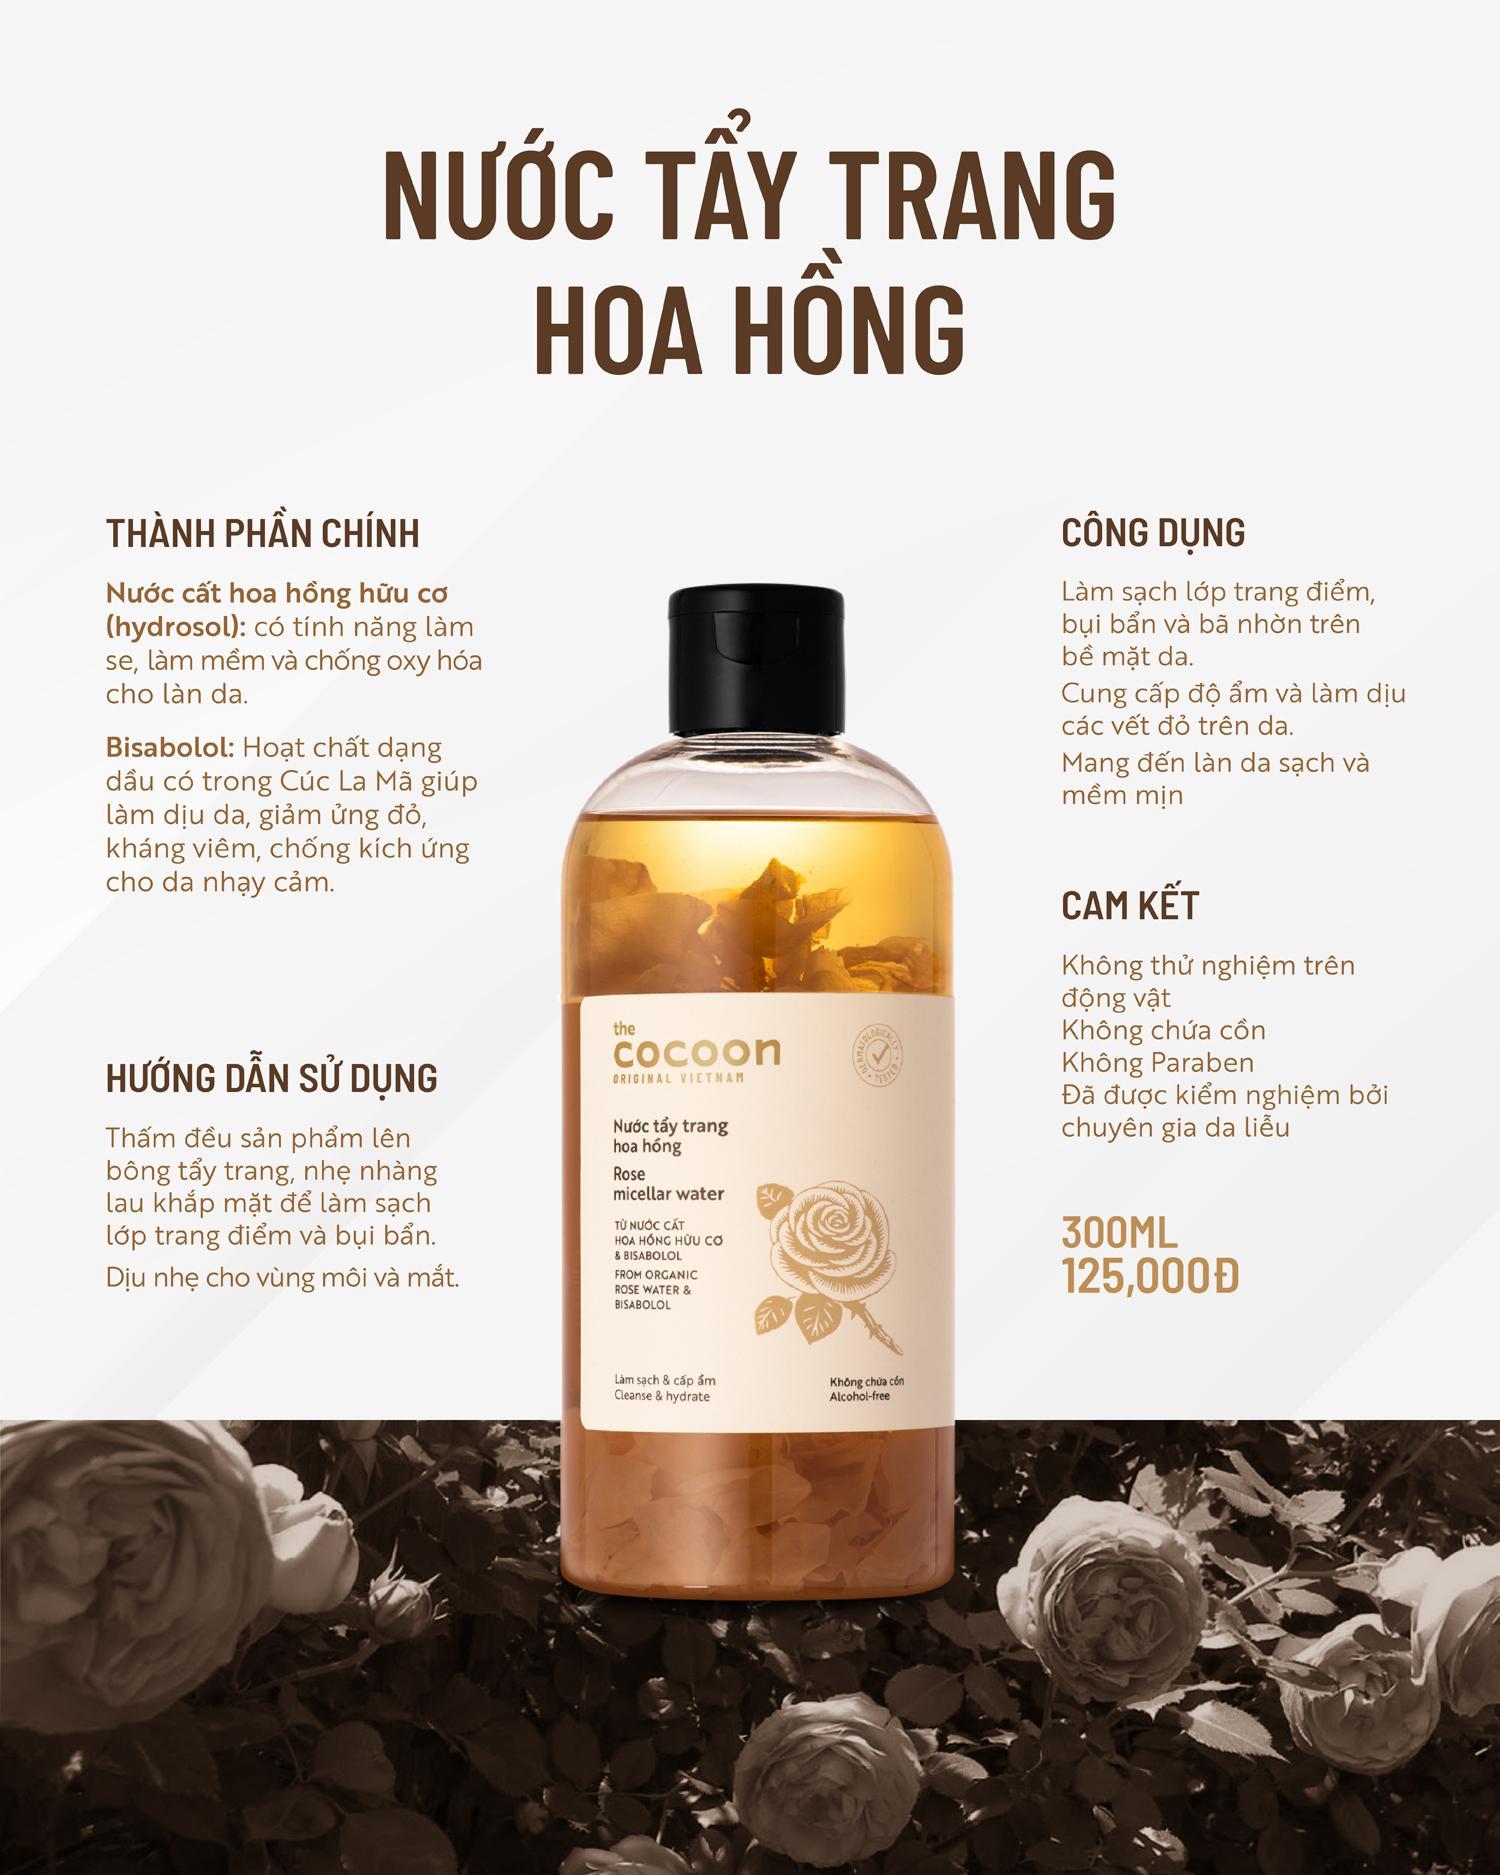 Nước Tấy Trang Hoa Hồng Cocoon 300ml - Tẩy trang Nhãn hiệu THE COCOON |  MuaDoTot.com